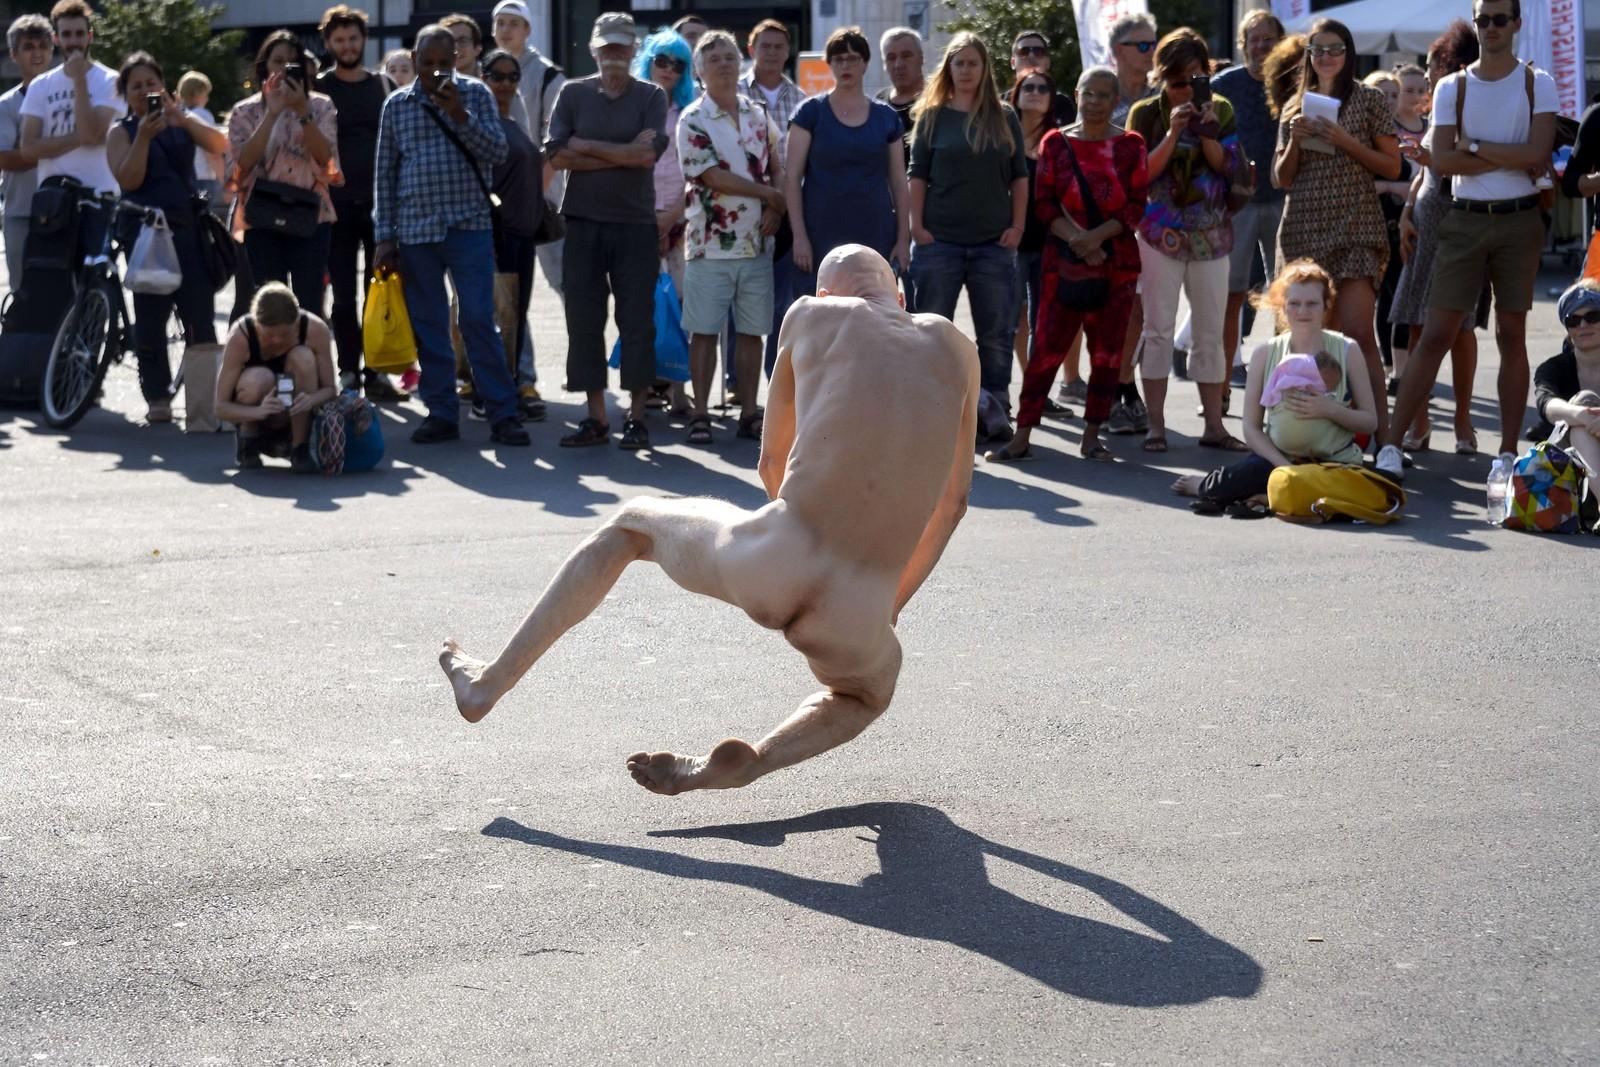 """Sveitsiske Imre Thormann var en av 17 performanceartister som deltok i """"Body and Freedom Festival""""."""